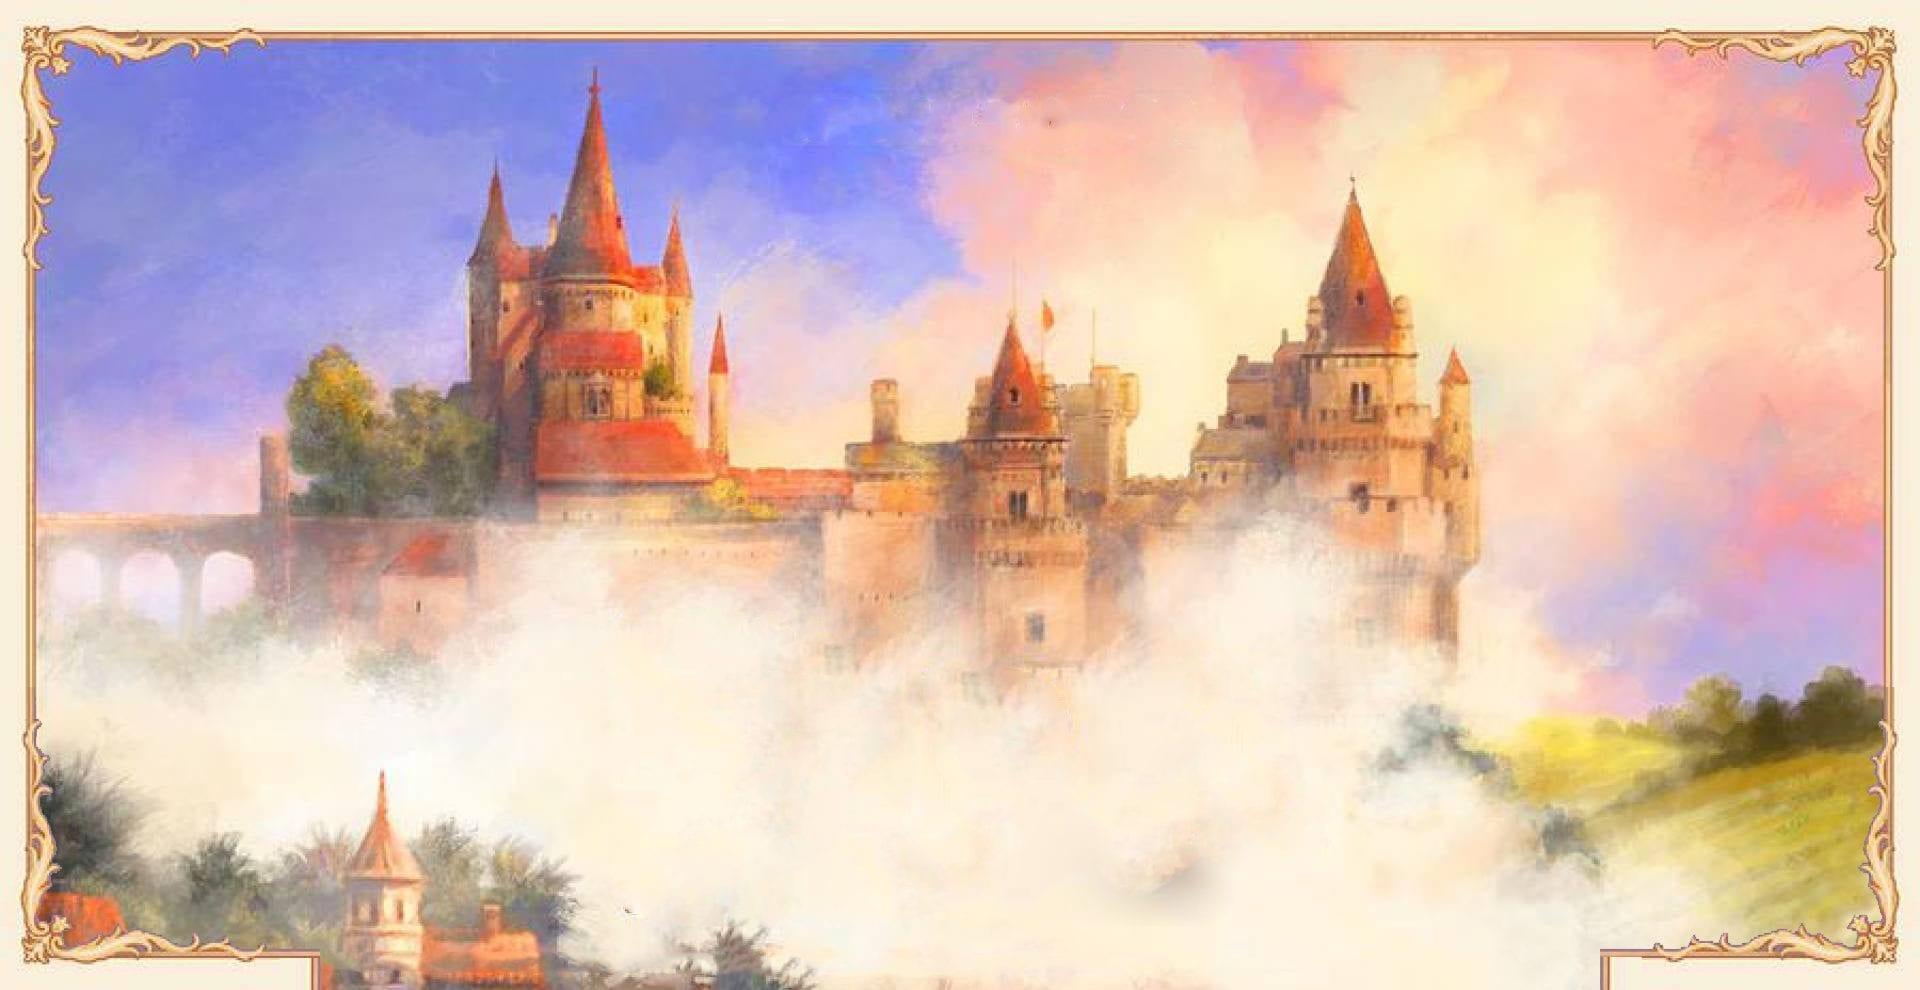 Recensione Era: il Medioevo - quando il roll and write incontra le miniature